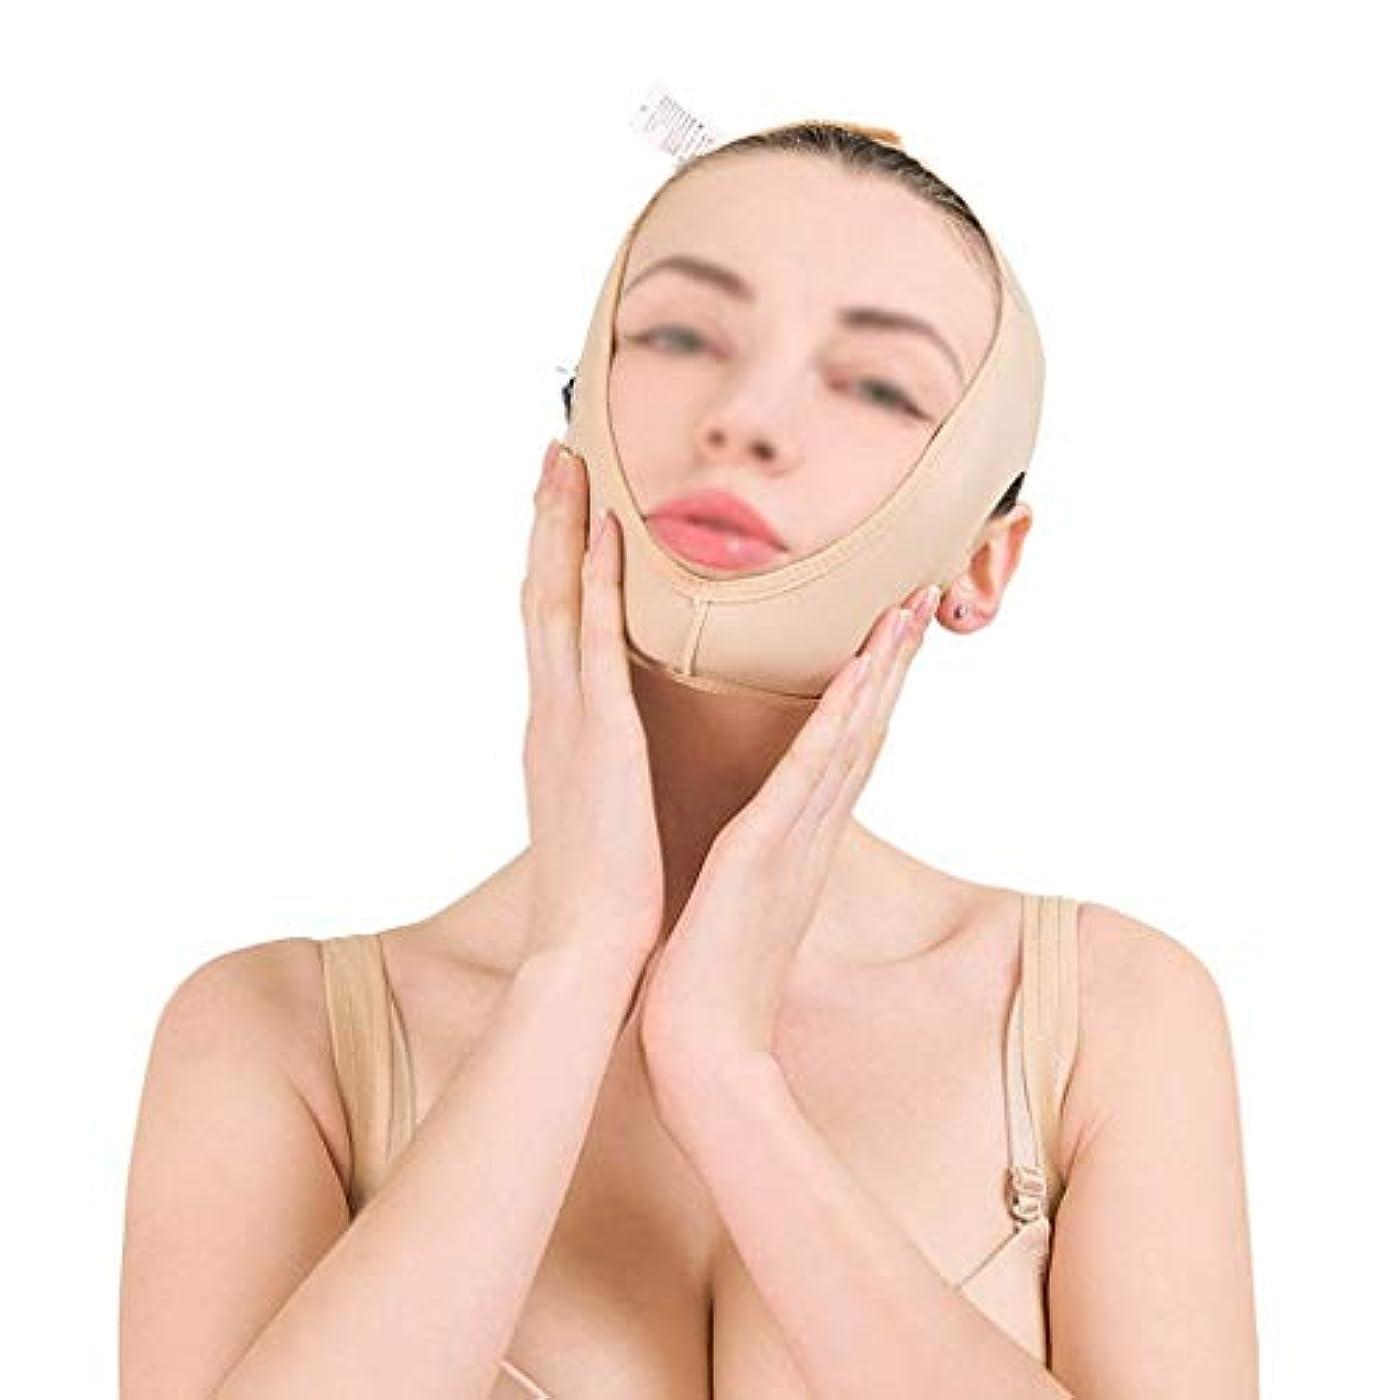 判読できない急流強調マスク減量、肌の包帯を引き締めるリフティングフェイスバンド、フェイスリフティング、ダブルチンビューティバンデージ、フェイスリフト(サイズ:L),XL